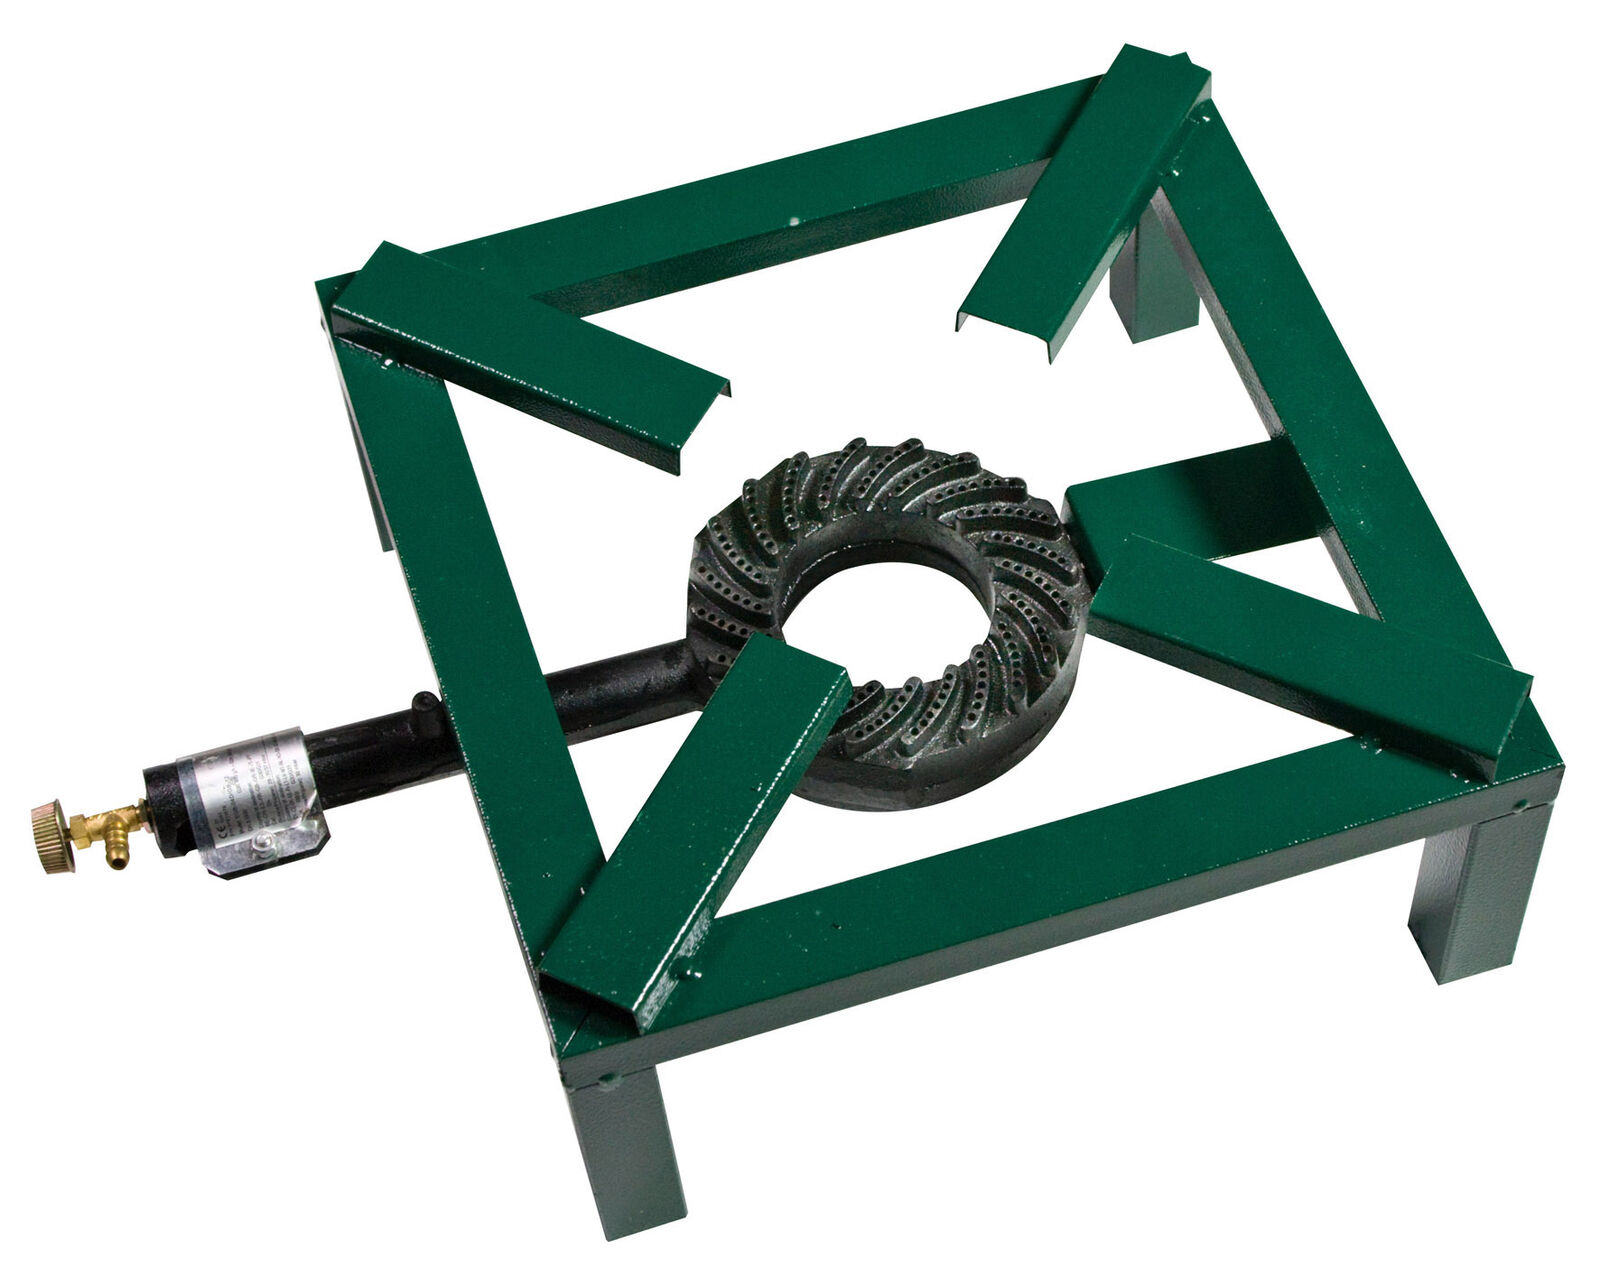 Fornellone a gas cm 40x40 in acciaio verde con bruciatore per campeggio casa